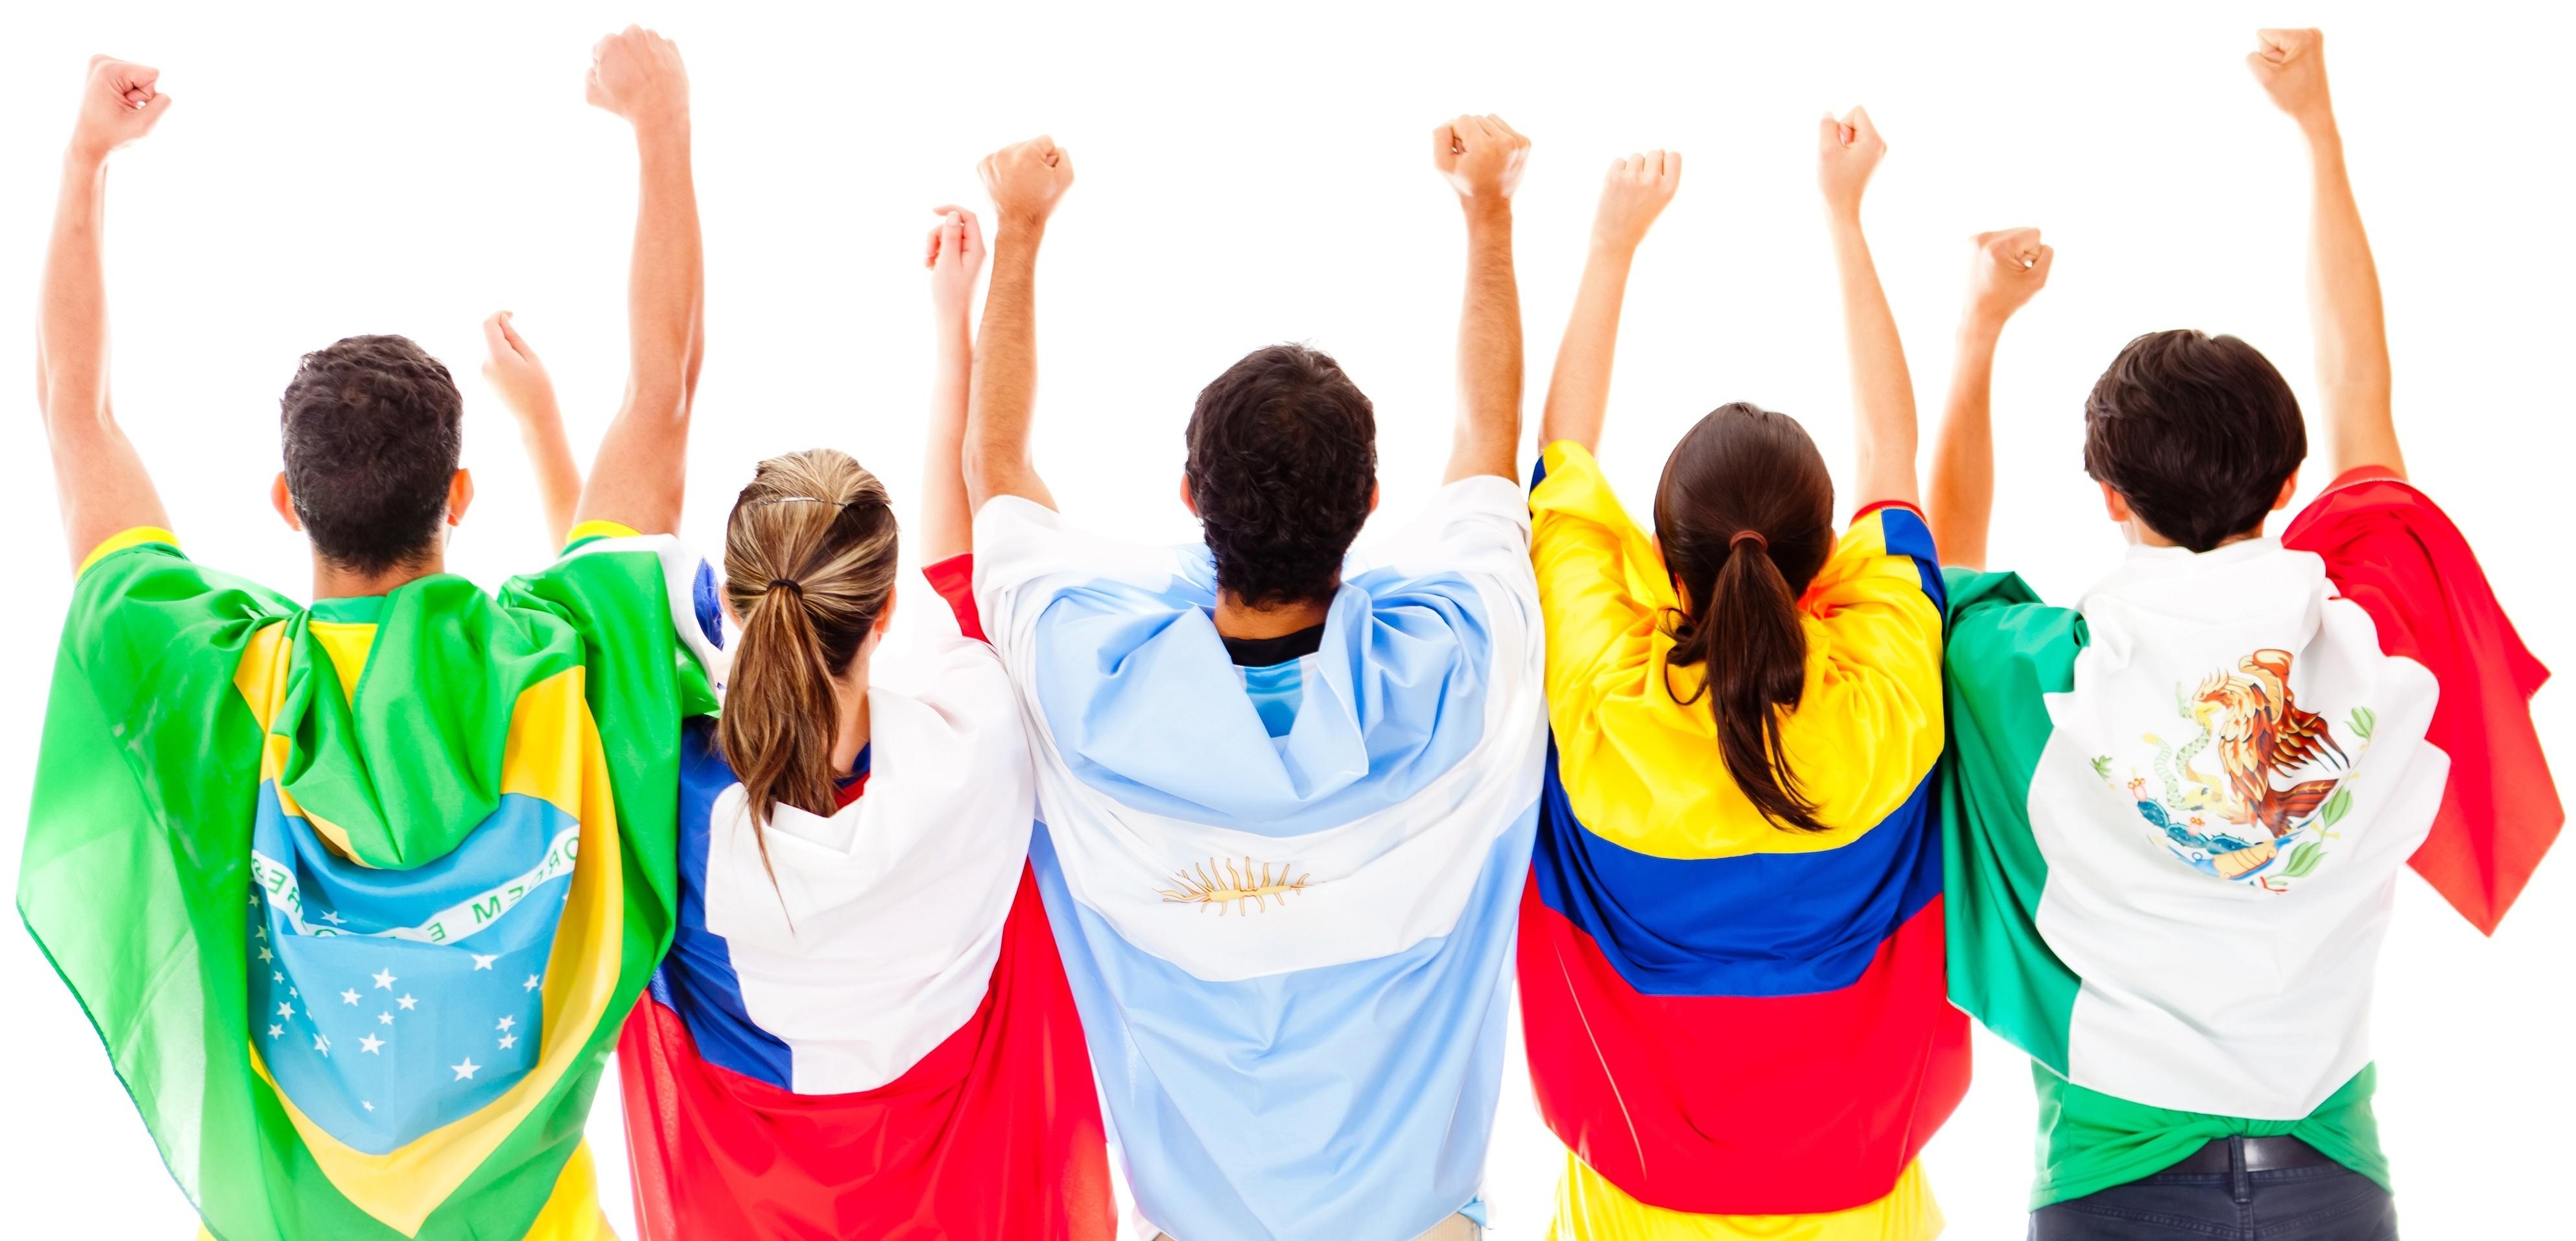 6 Consejos básicos para hacer negocios en Latinoamérica